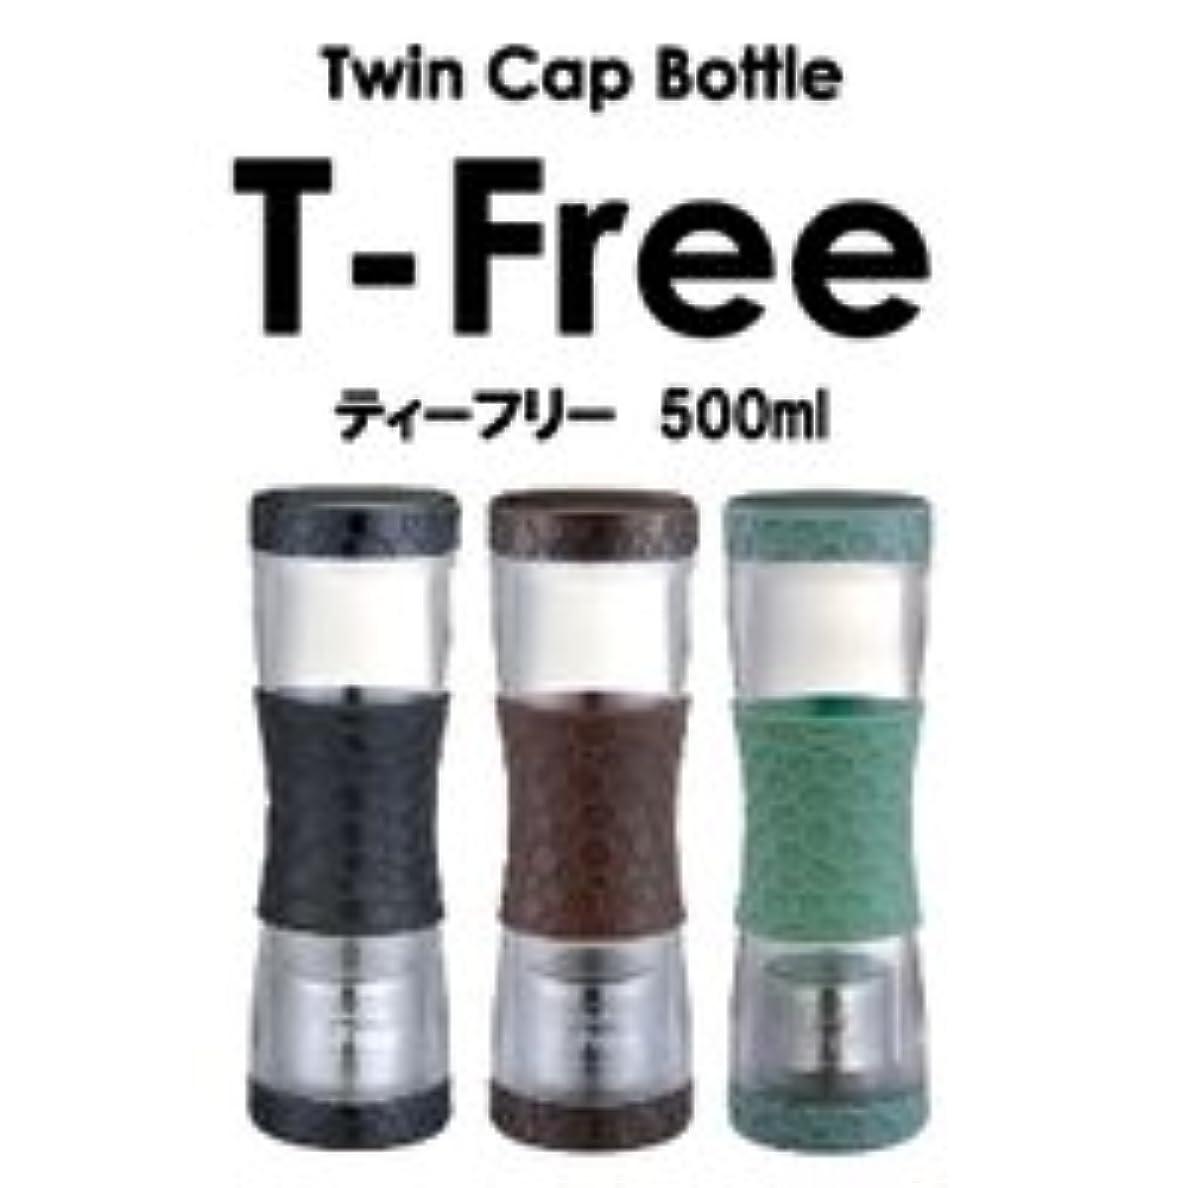 火社会主義寓話ティーフリー500ml T-Free (カラー:グリーン) ※使い方自由なツインキャップボトル